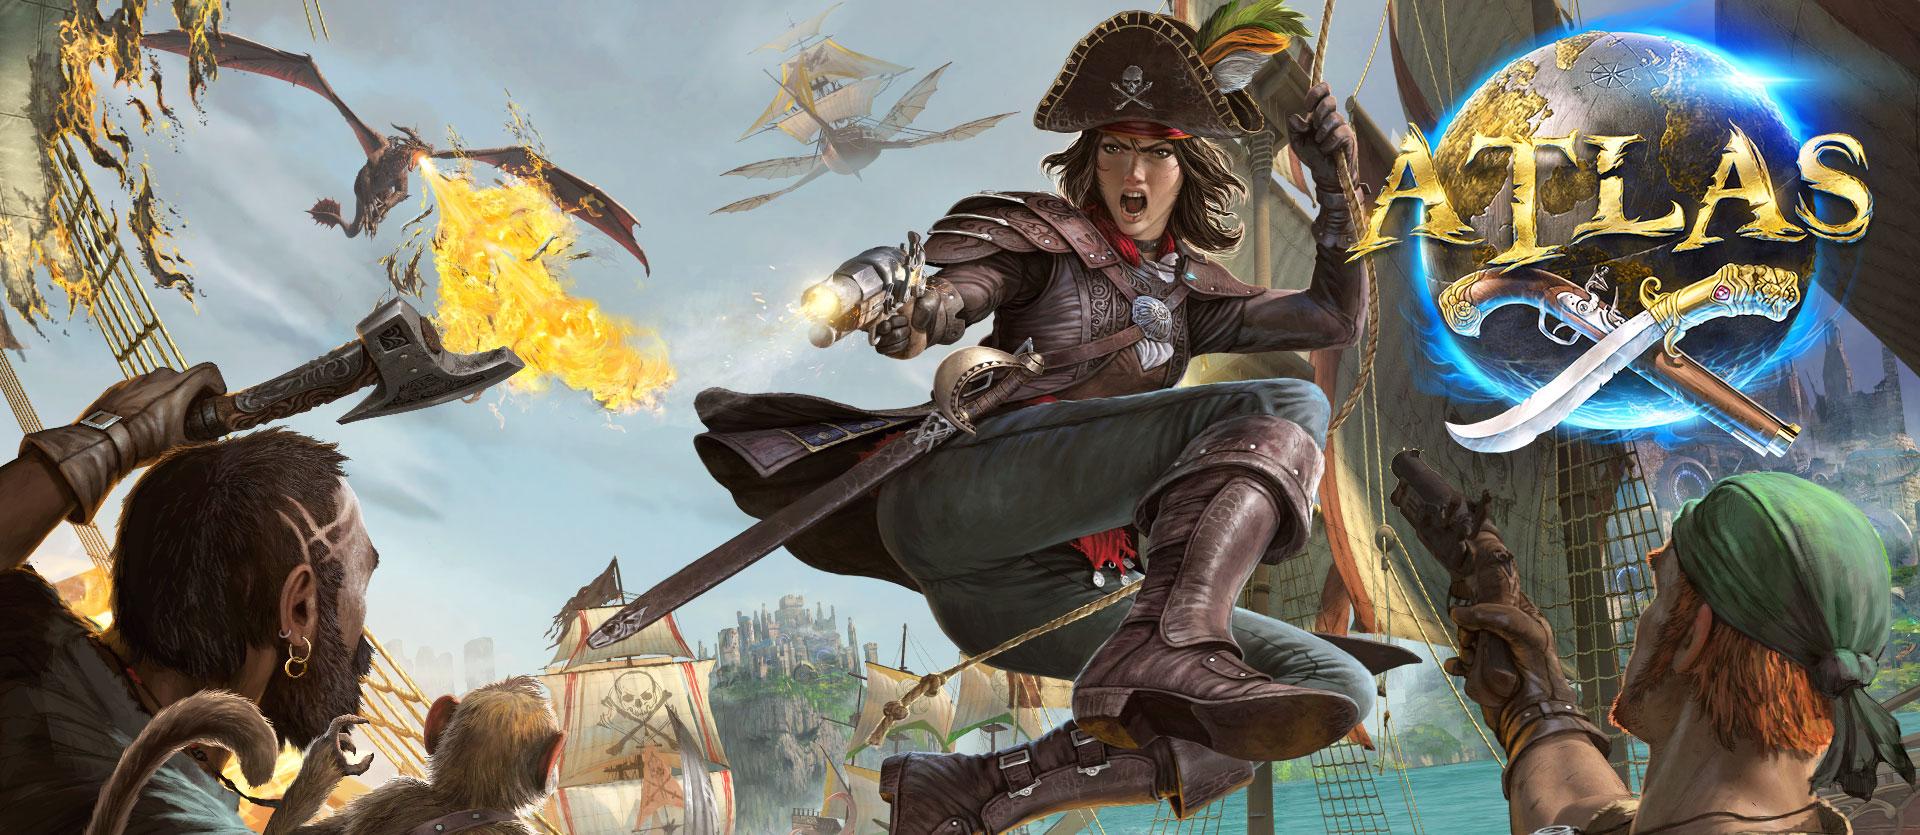 Atlas 標誌,抓著繩索的女性攻擊兩個帶著武器和猴子的角色,背景有飛船和噴火的龍